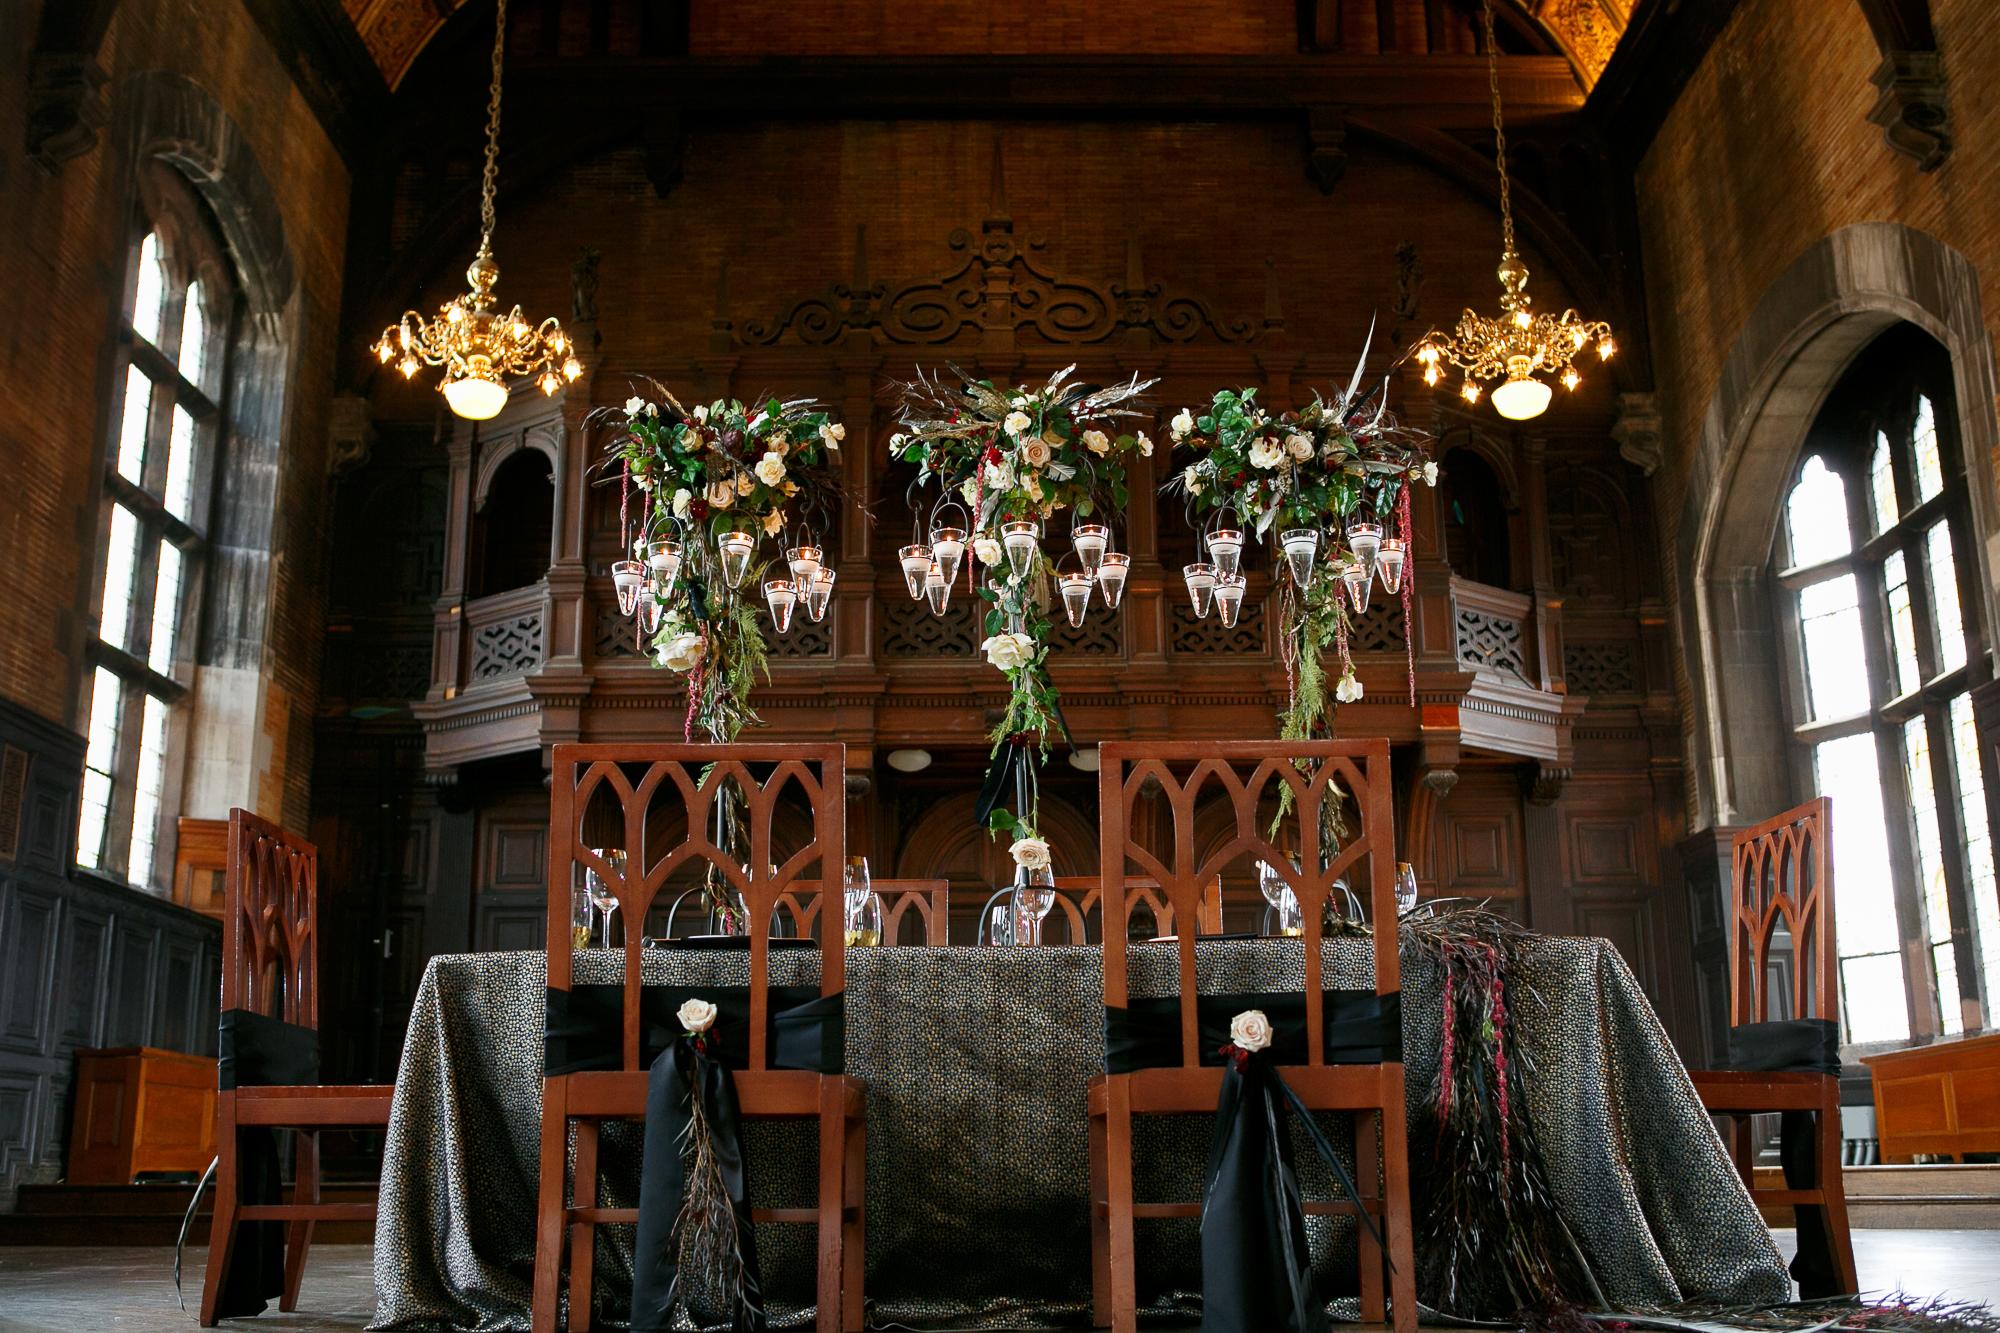 05 Highline Hotel Wedding Inspiration Floating Candles Feathers Wedding Drama.jpg